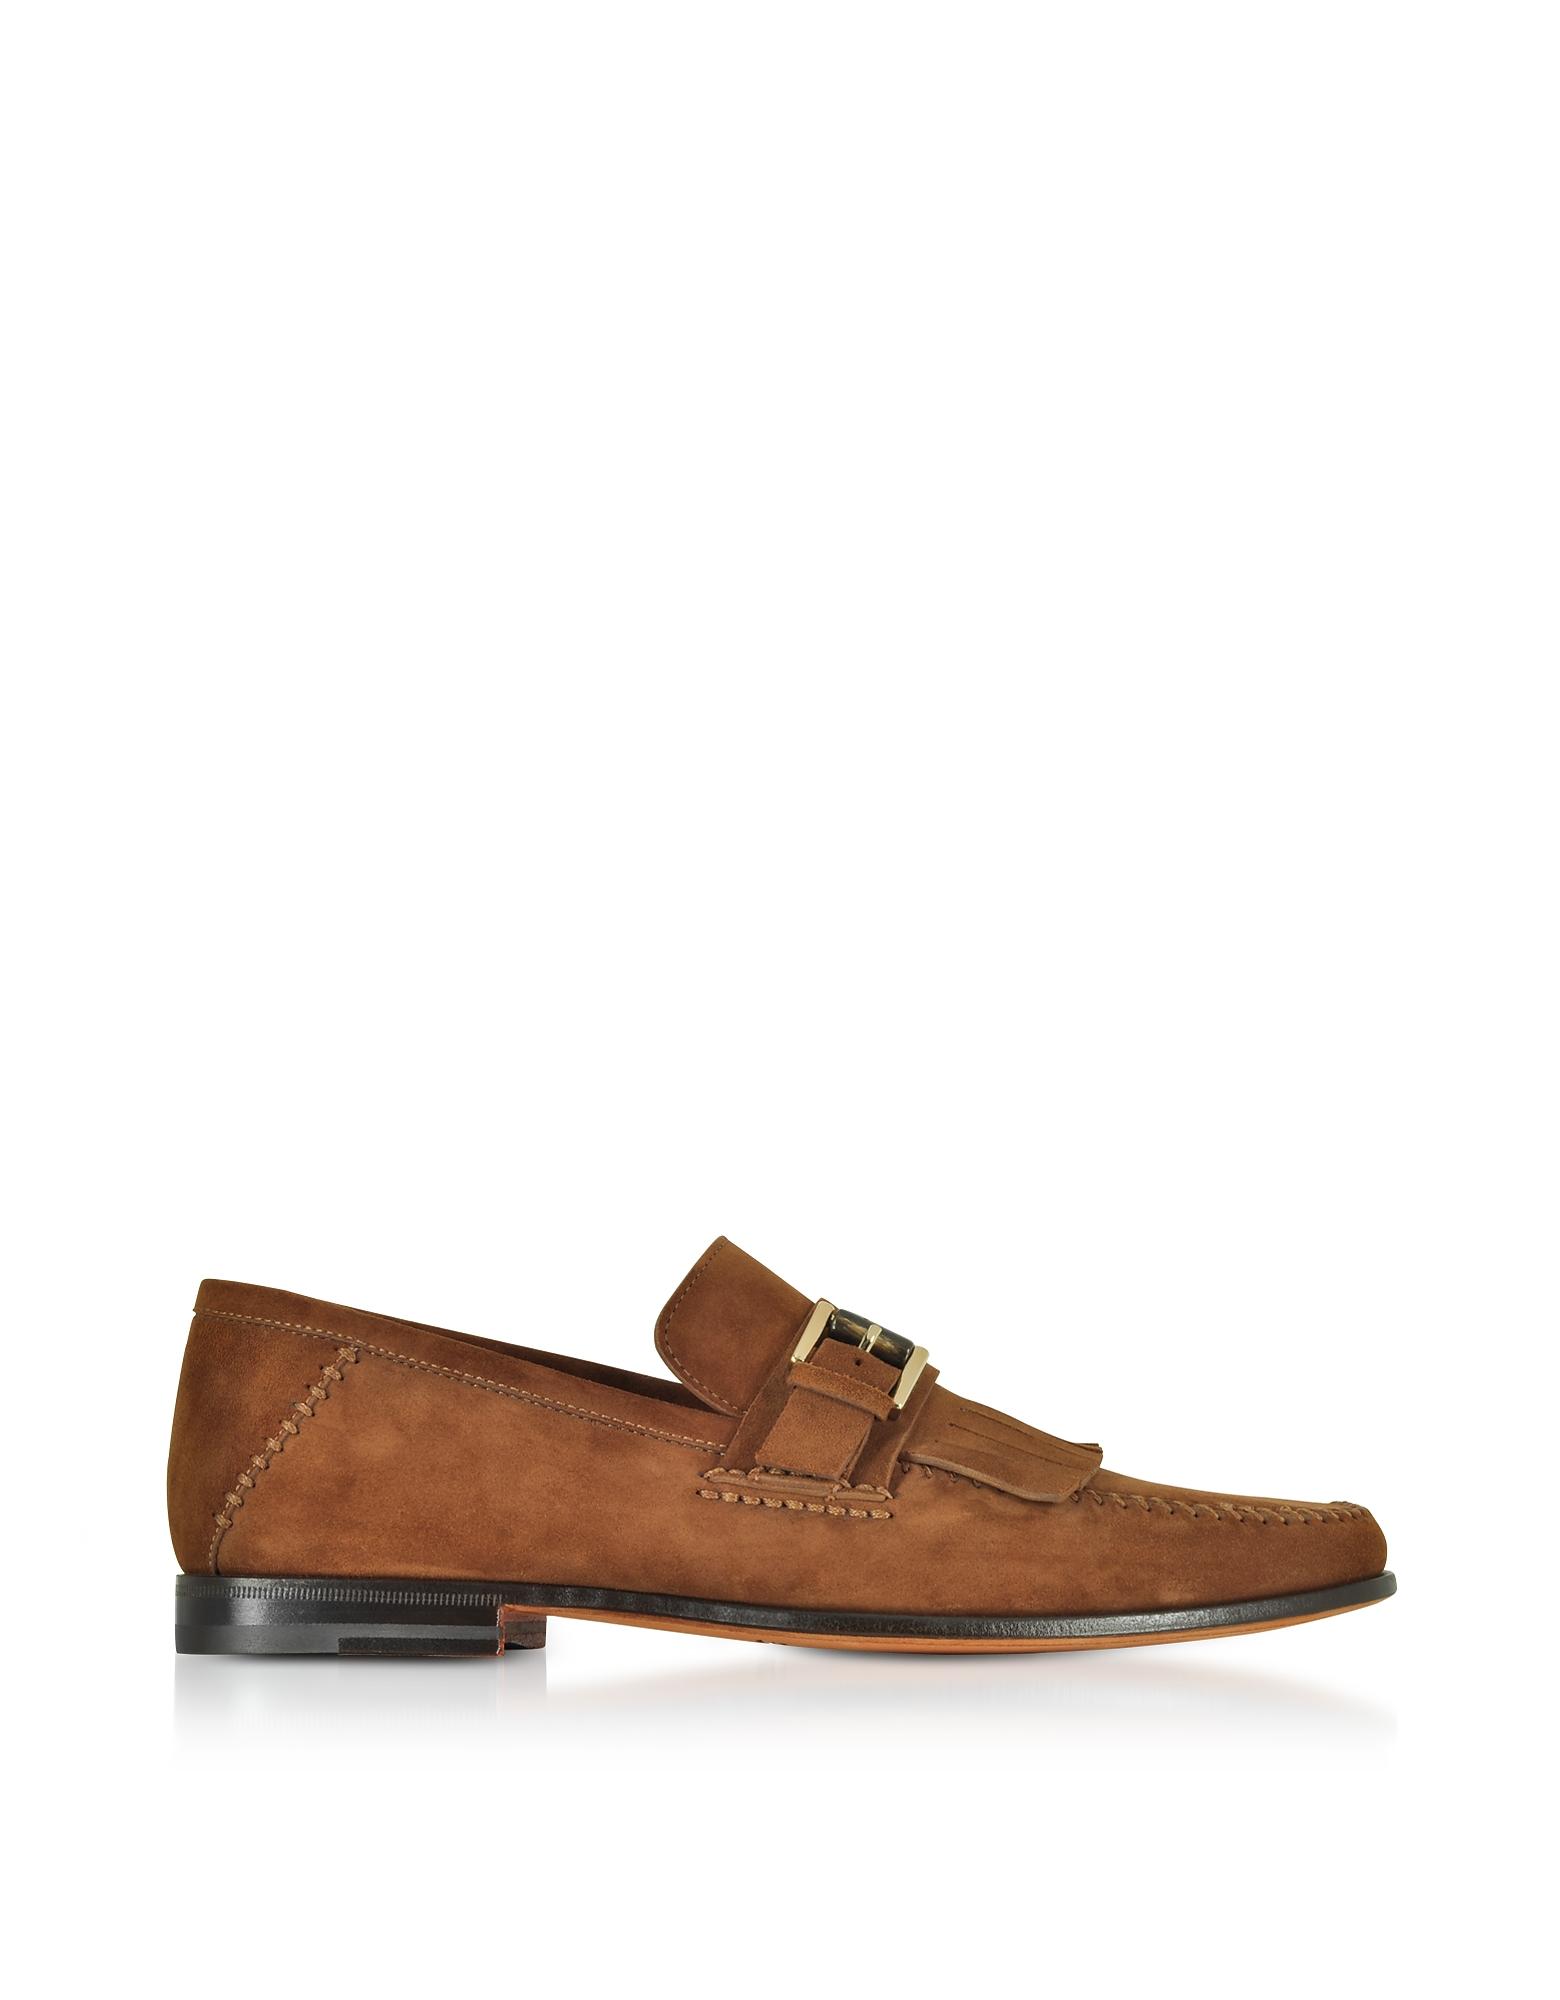 Santoni Shoes, Light Brown Suede Fringed Loafer